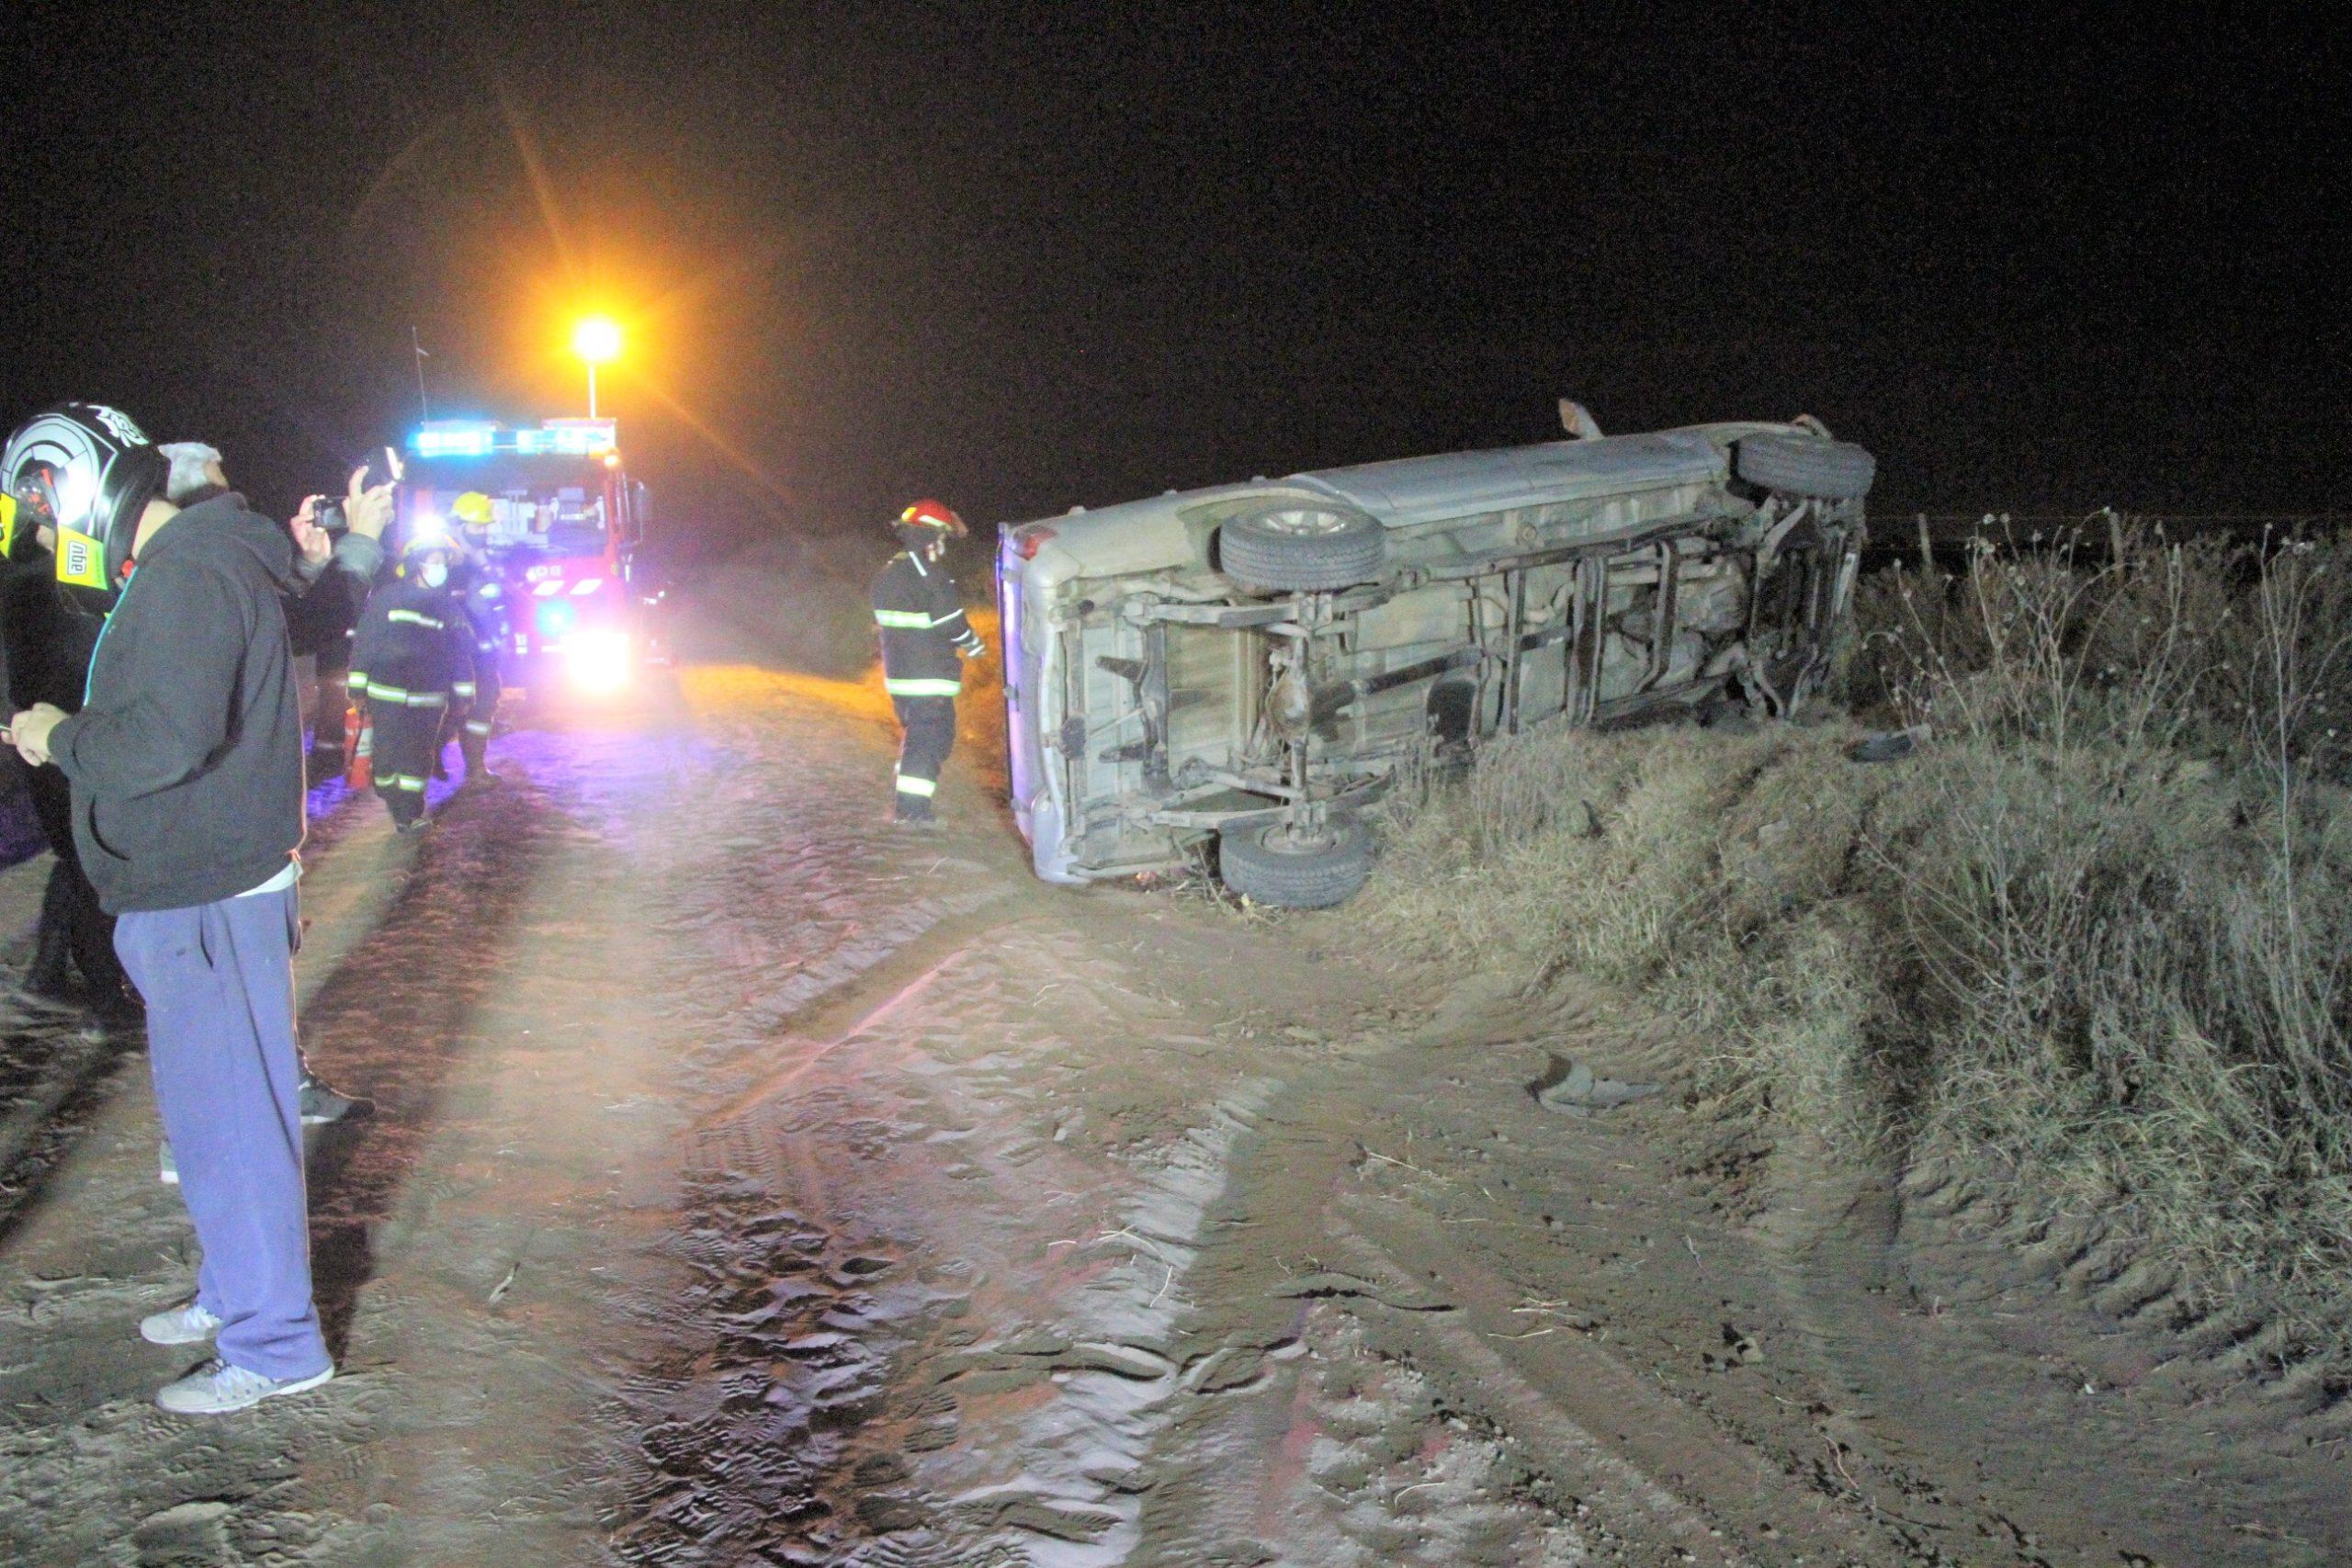 Una camioneta S10 volcó en camino vecinal a 11 kilómetros de General Pico: Un hombre fue asistido y trasladado al Hospital